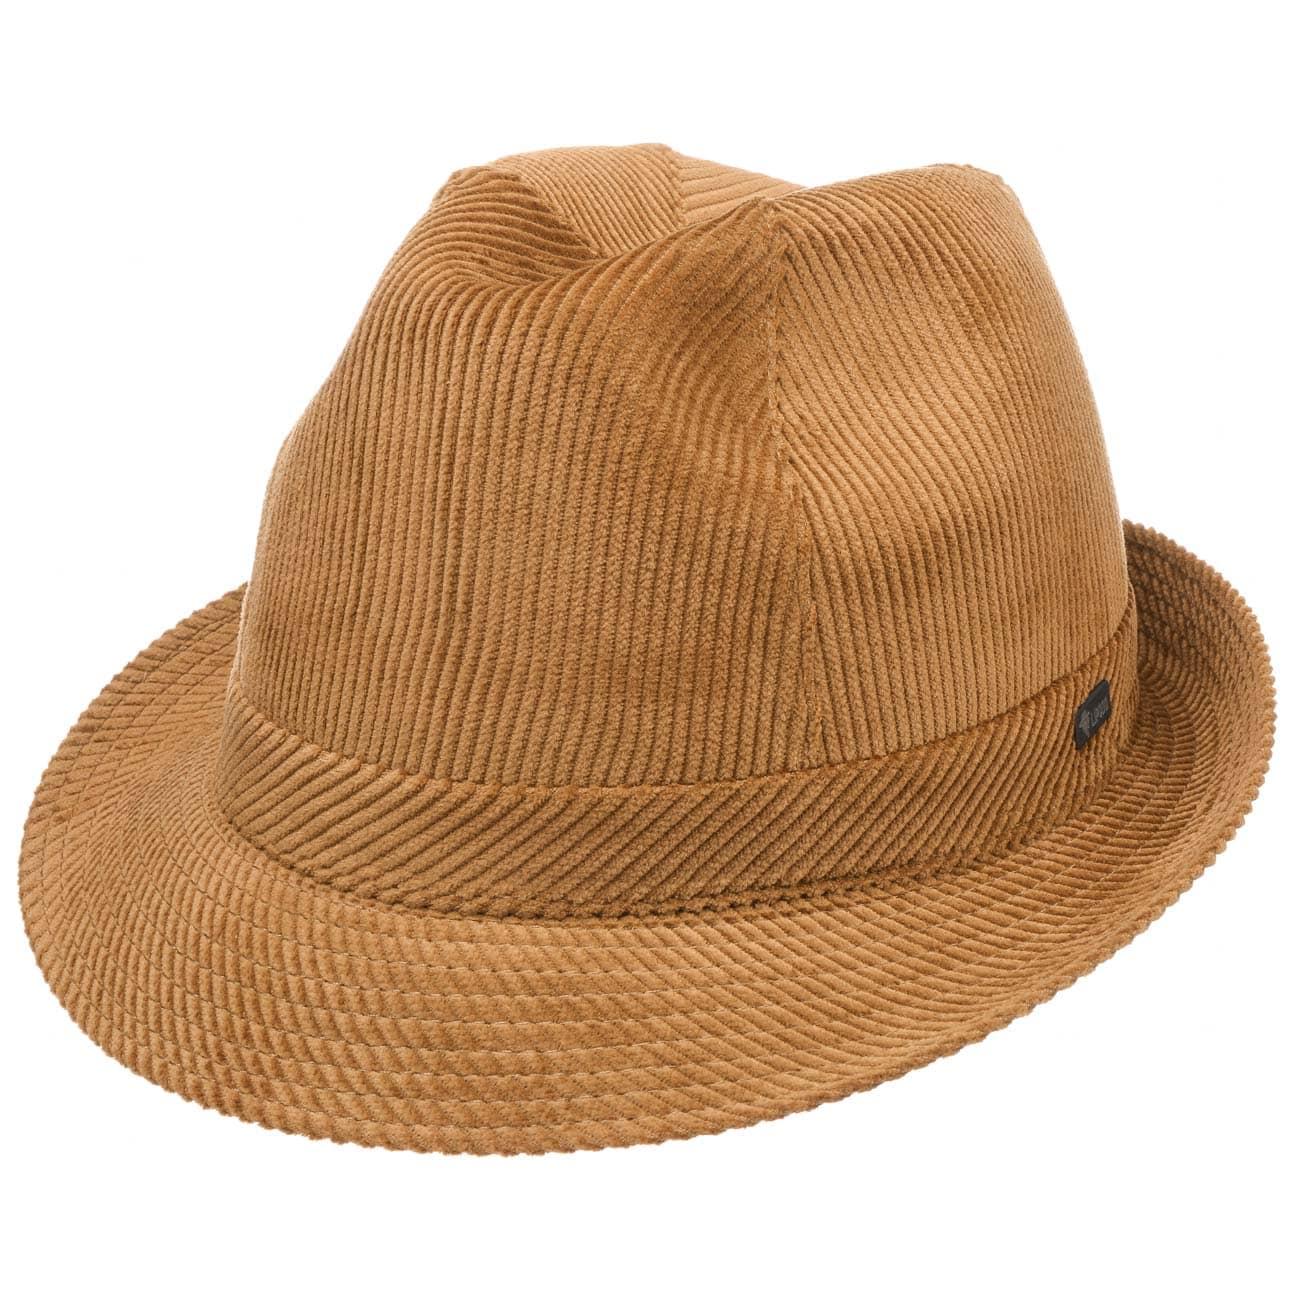 Resultado de imagen para corduroy hat